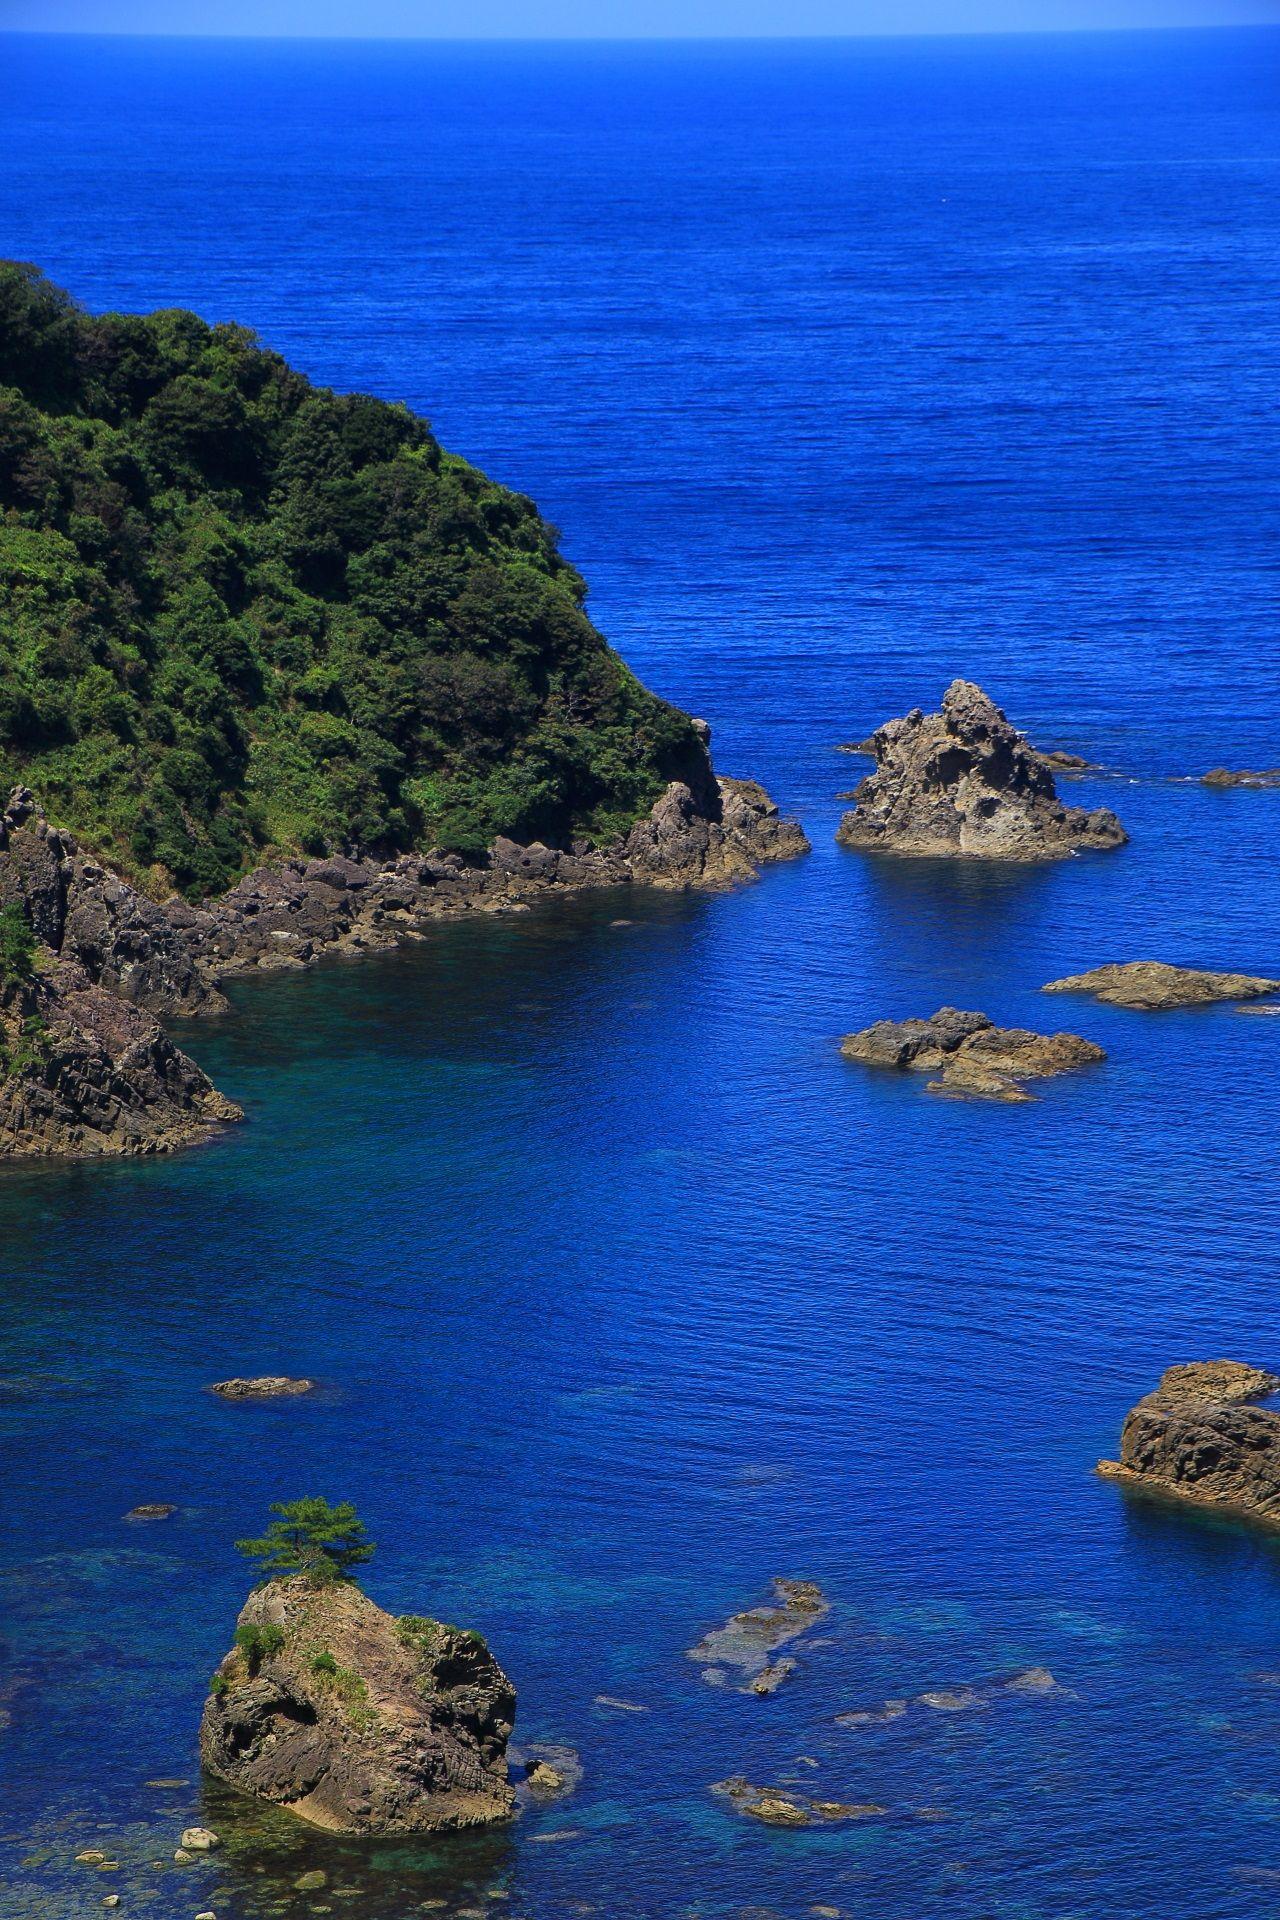 京都府 丹後半島 蒲入 日本の景色 田舎 風景 風景